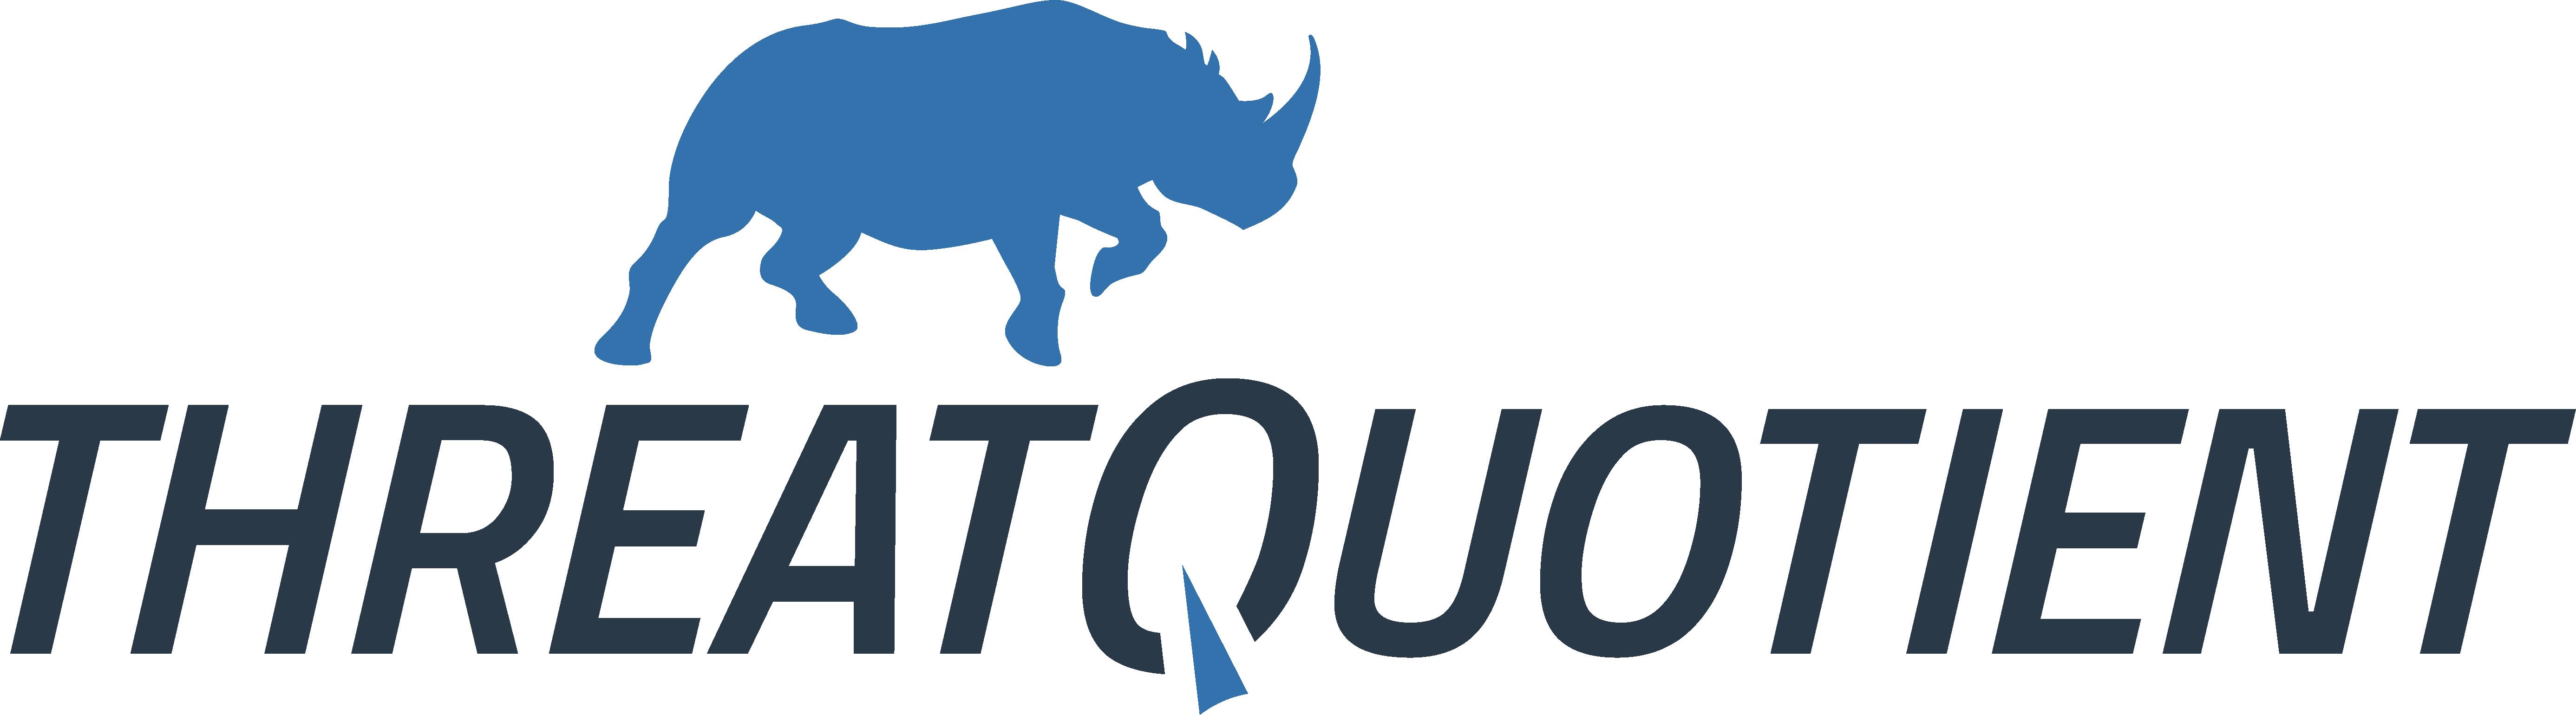 ThreatQuotient_Logo